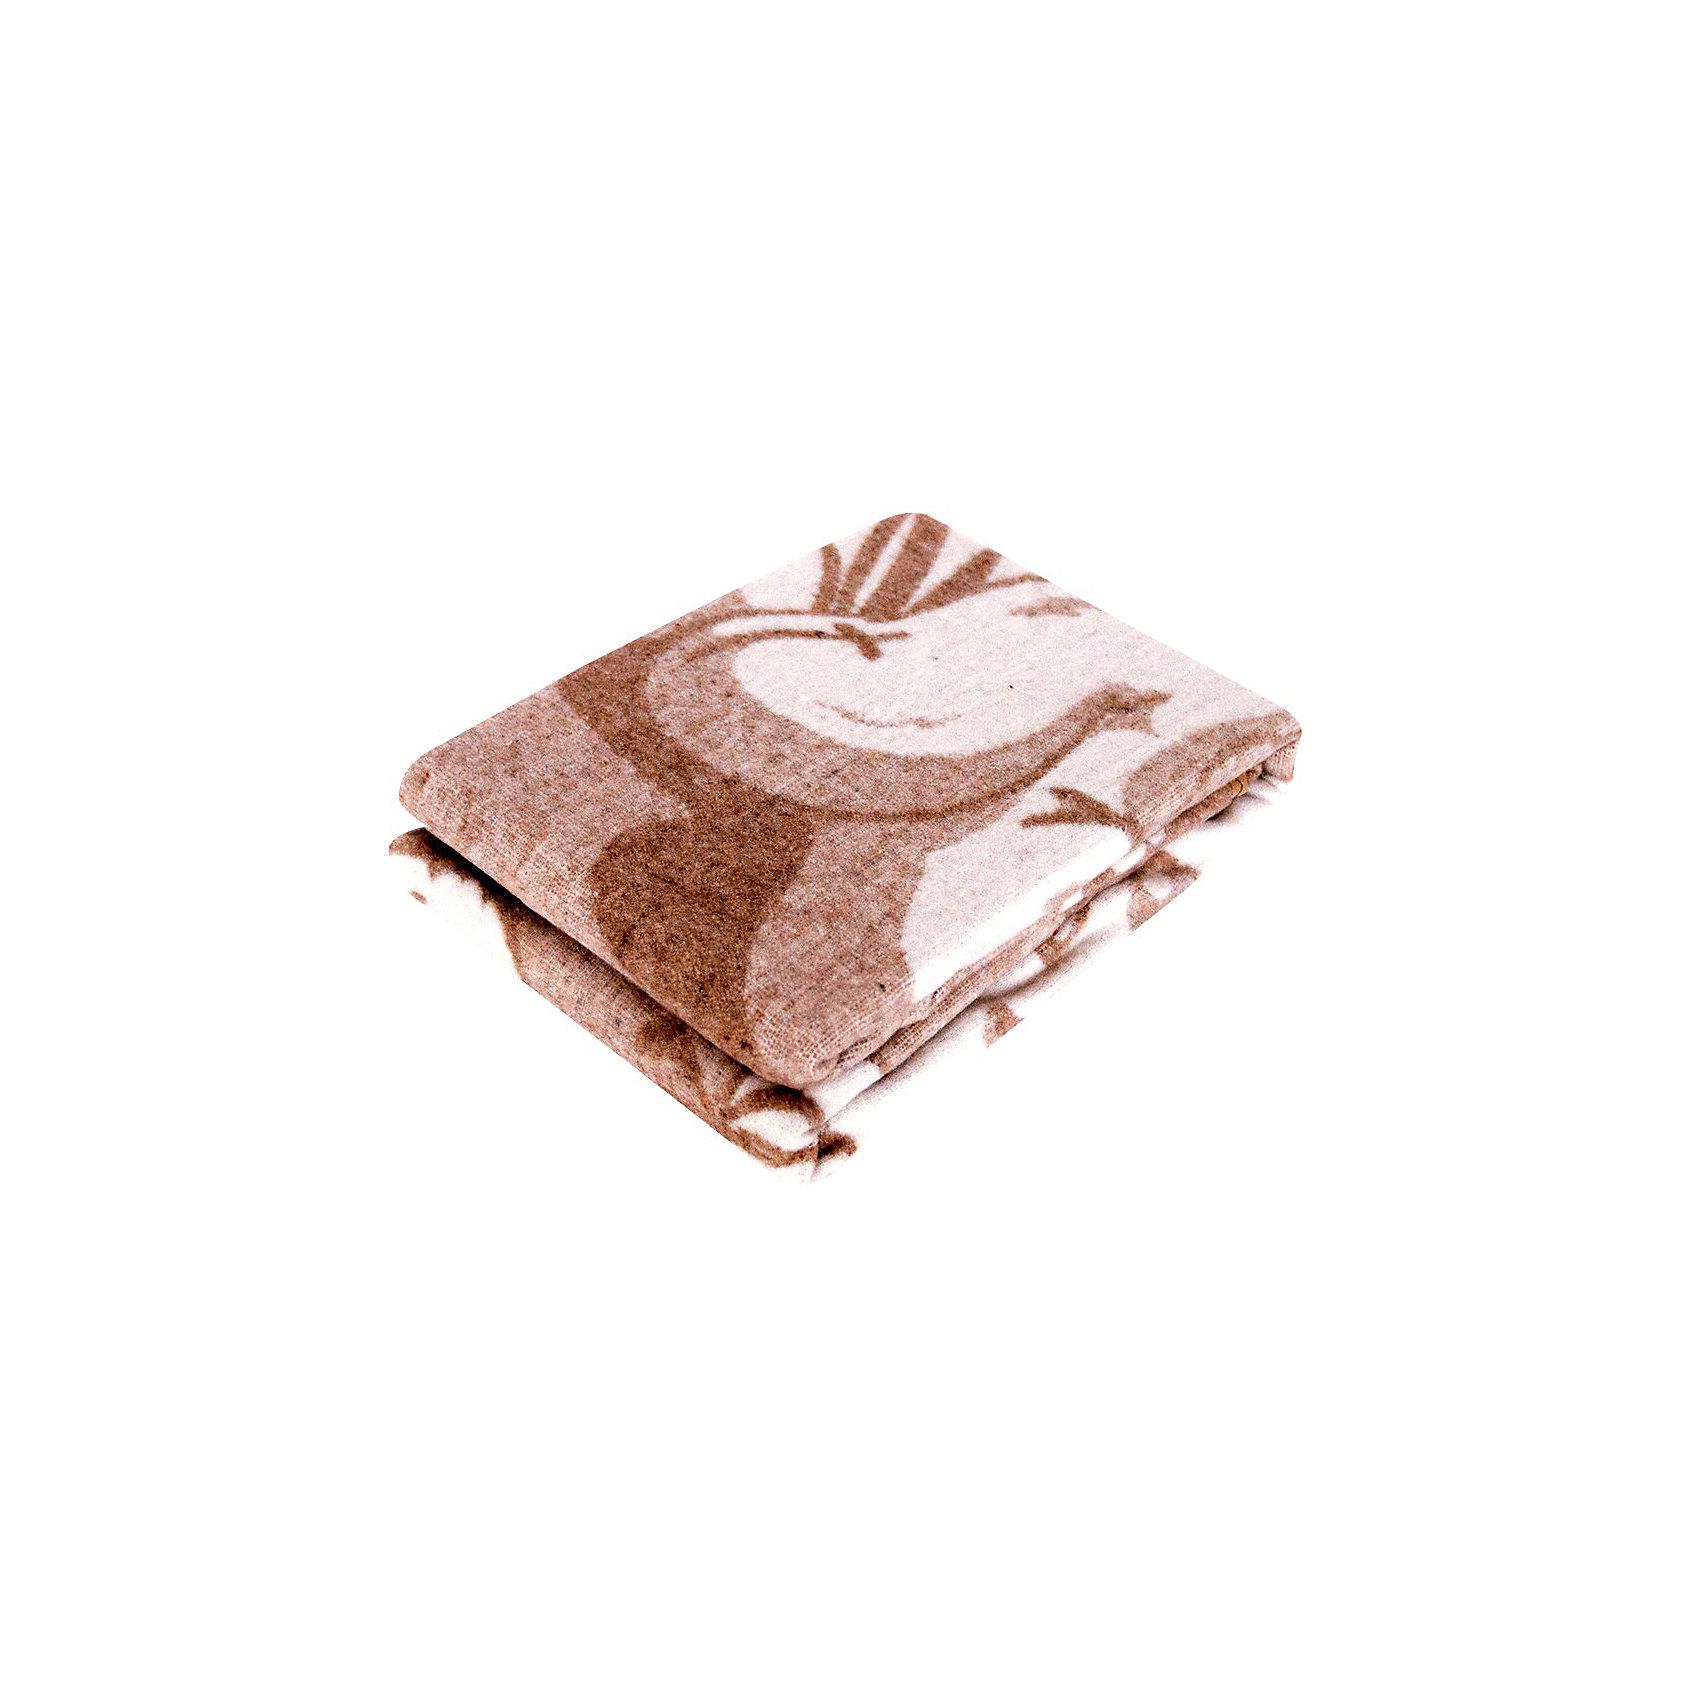 Одеяло байковое Медвежонок, 100х140, Baby Nice, бежевыйОдеяла, пледы<br>Предметы, находящиеся в детской кроватке, должны быть качественными и безопасными. Это одеяло разработано специально для малышей, оно обеспечивает комфорт на всю ночь. Одеяло украшено симпатичным принтом.<br>Одеяло сшито из натурального дышащего хлопка, приятного на ощупь. Он не вызывает аллергии, что особенно важно для малышей. Оно обеспечит хорошую терморегуляцию, а значит - крепкий сон. Одеяло сделано из высококачественных материалов, безопасных для ребенка.<br><br>Дополнительная информация:<br><br>цвет: бежевый;<br>материал: хлопок, жаккард;<br>принт;<br>размер: 100 х 140 см.<br><br>Одеяло байковое Медвежонок, 100х140 от компании Baby Nice можно купить в нашем магазине.<br><br>Ширина мм: 230<br>Глубина мм: 250<br>Высота мм: 40<br>Вес г: 500<br>Возраст от месяцев: 0<br>Возраст до месяцев: 36<br>Пол: Унисекс<br>Возраст: Детский<br>SKU: 4941753